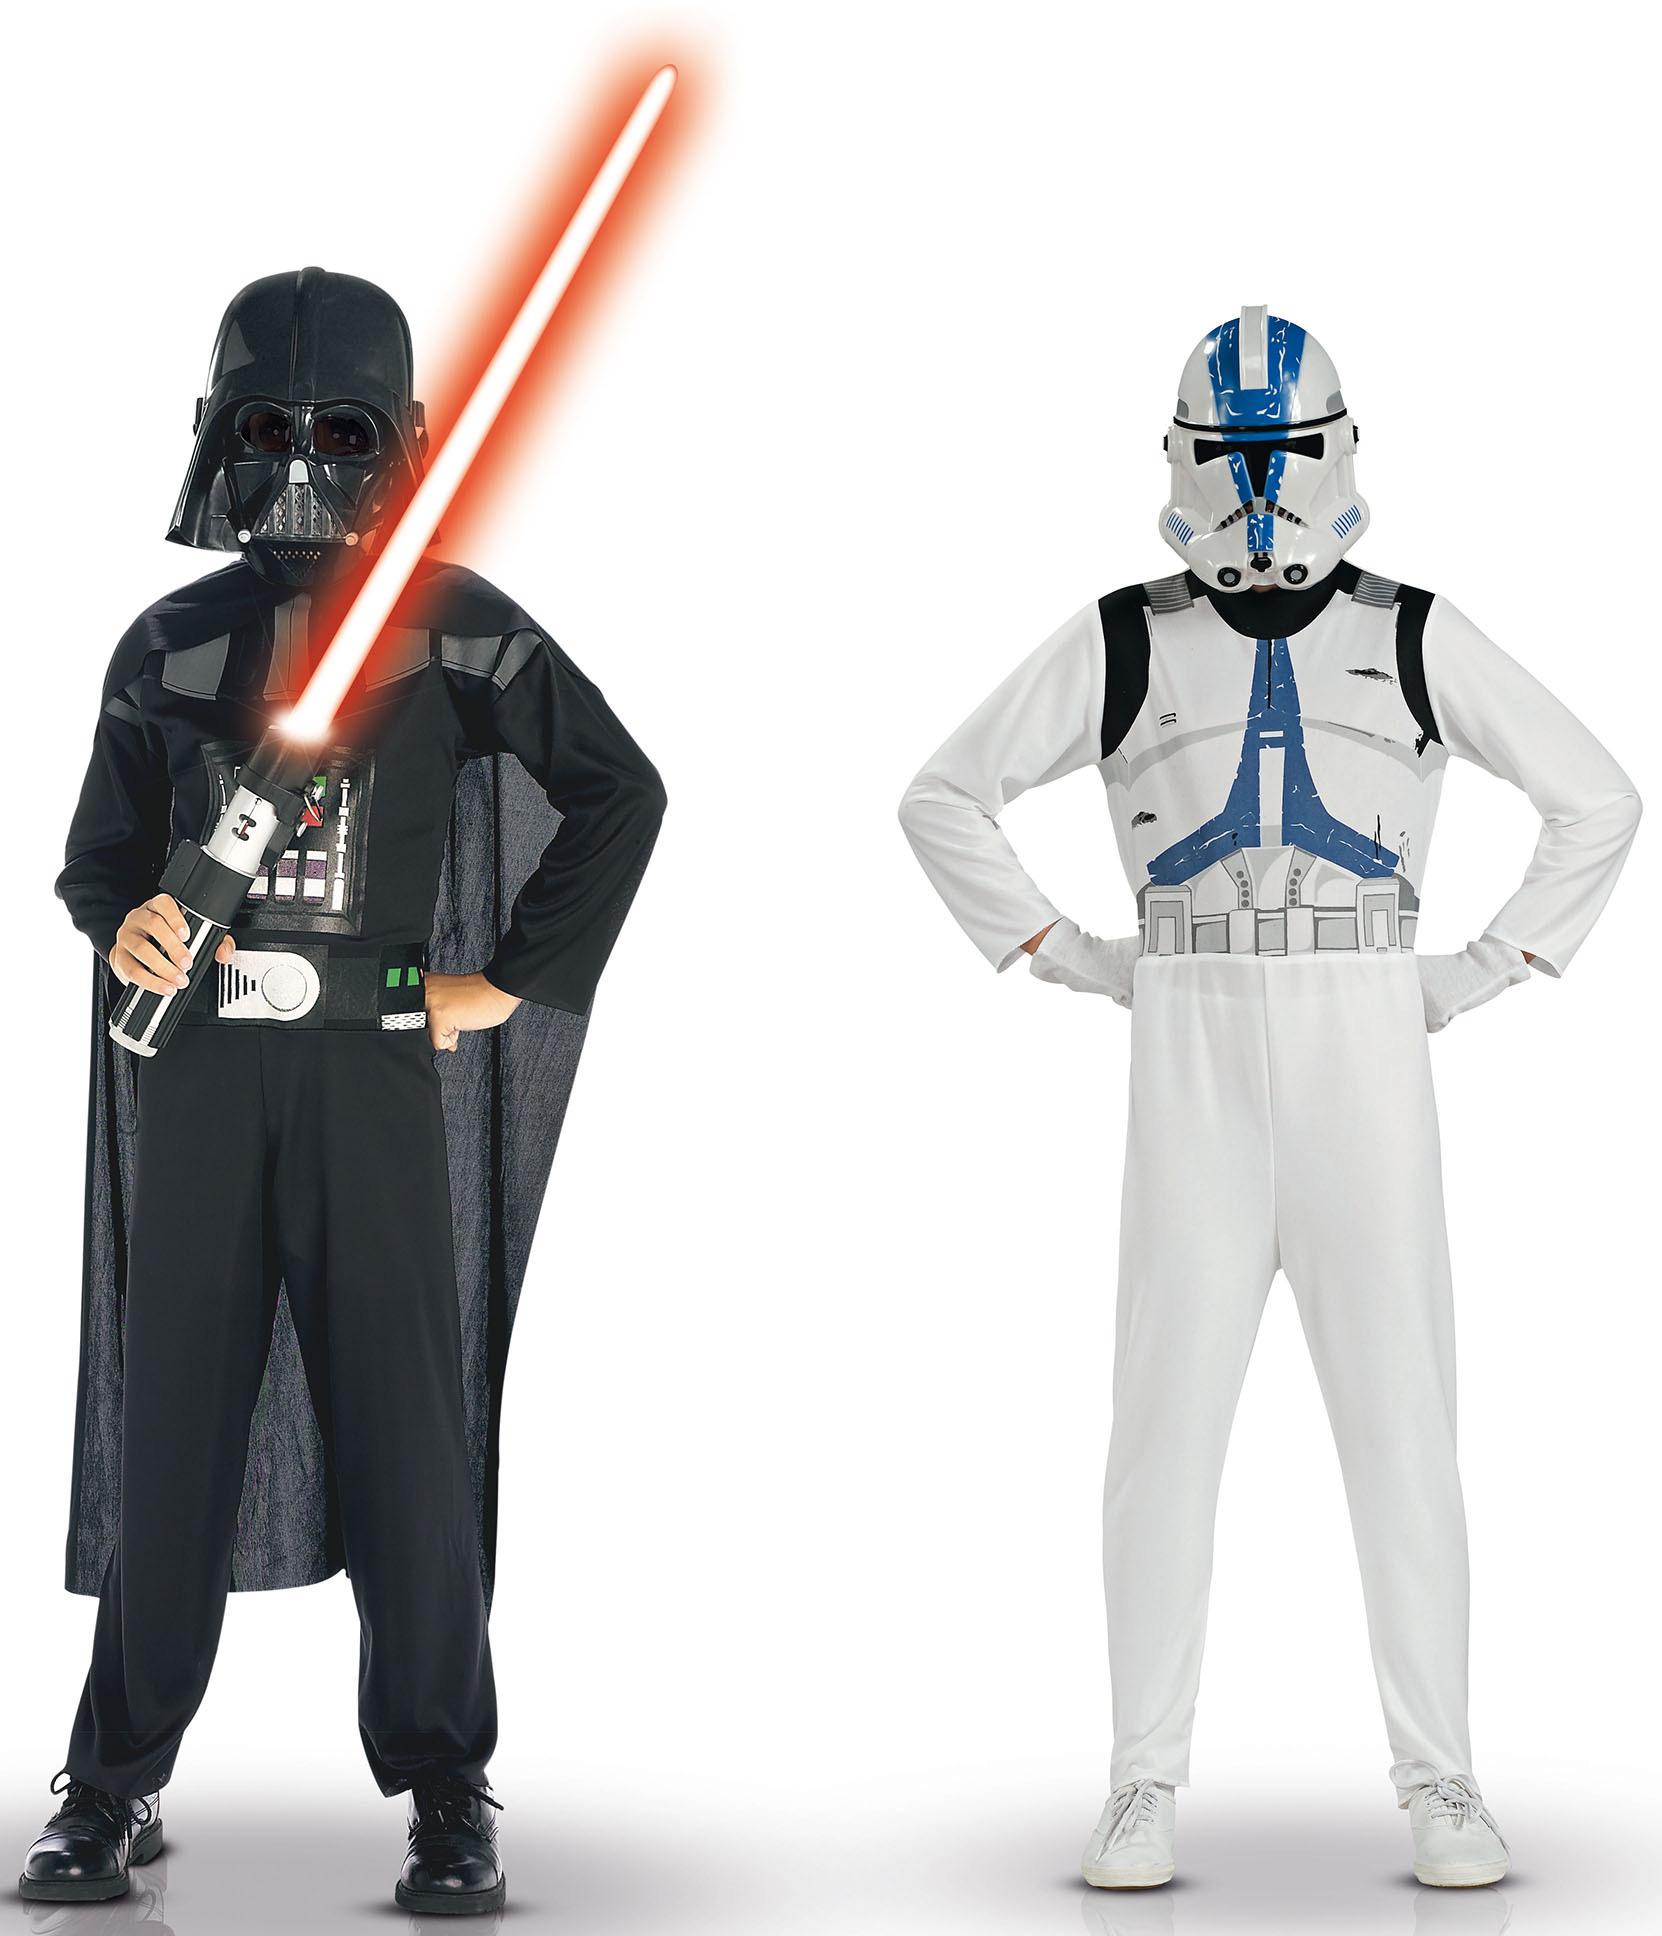 Star Wars Kostüm Set Für Kinder Darth Vader Clone Trooper